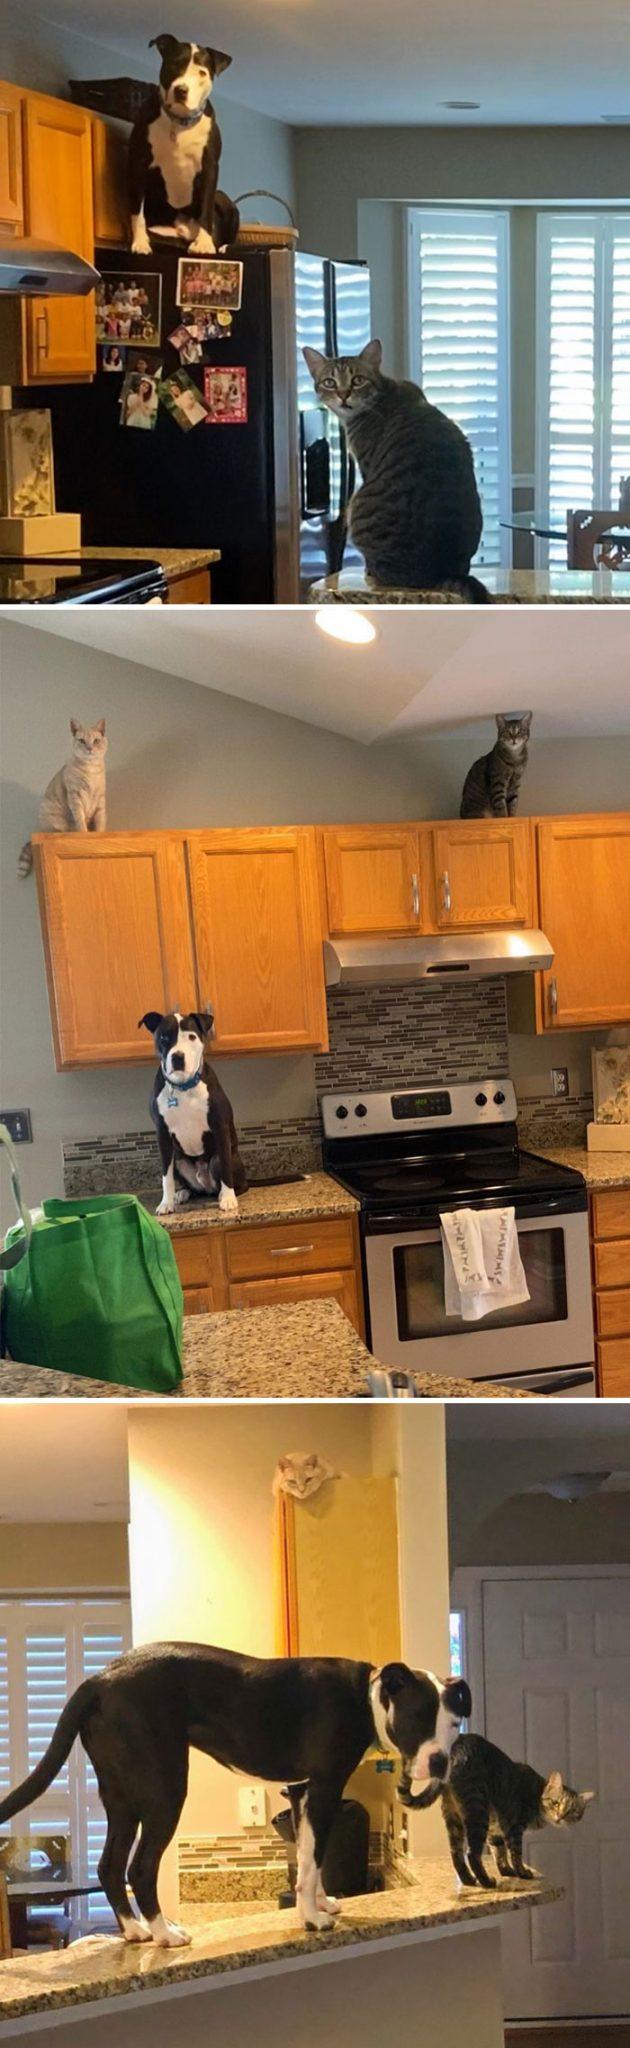 собака и коты в кухне на столе